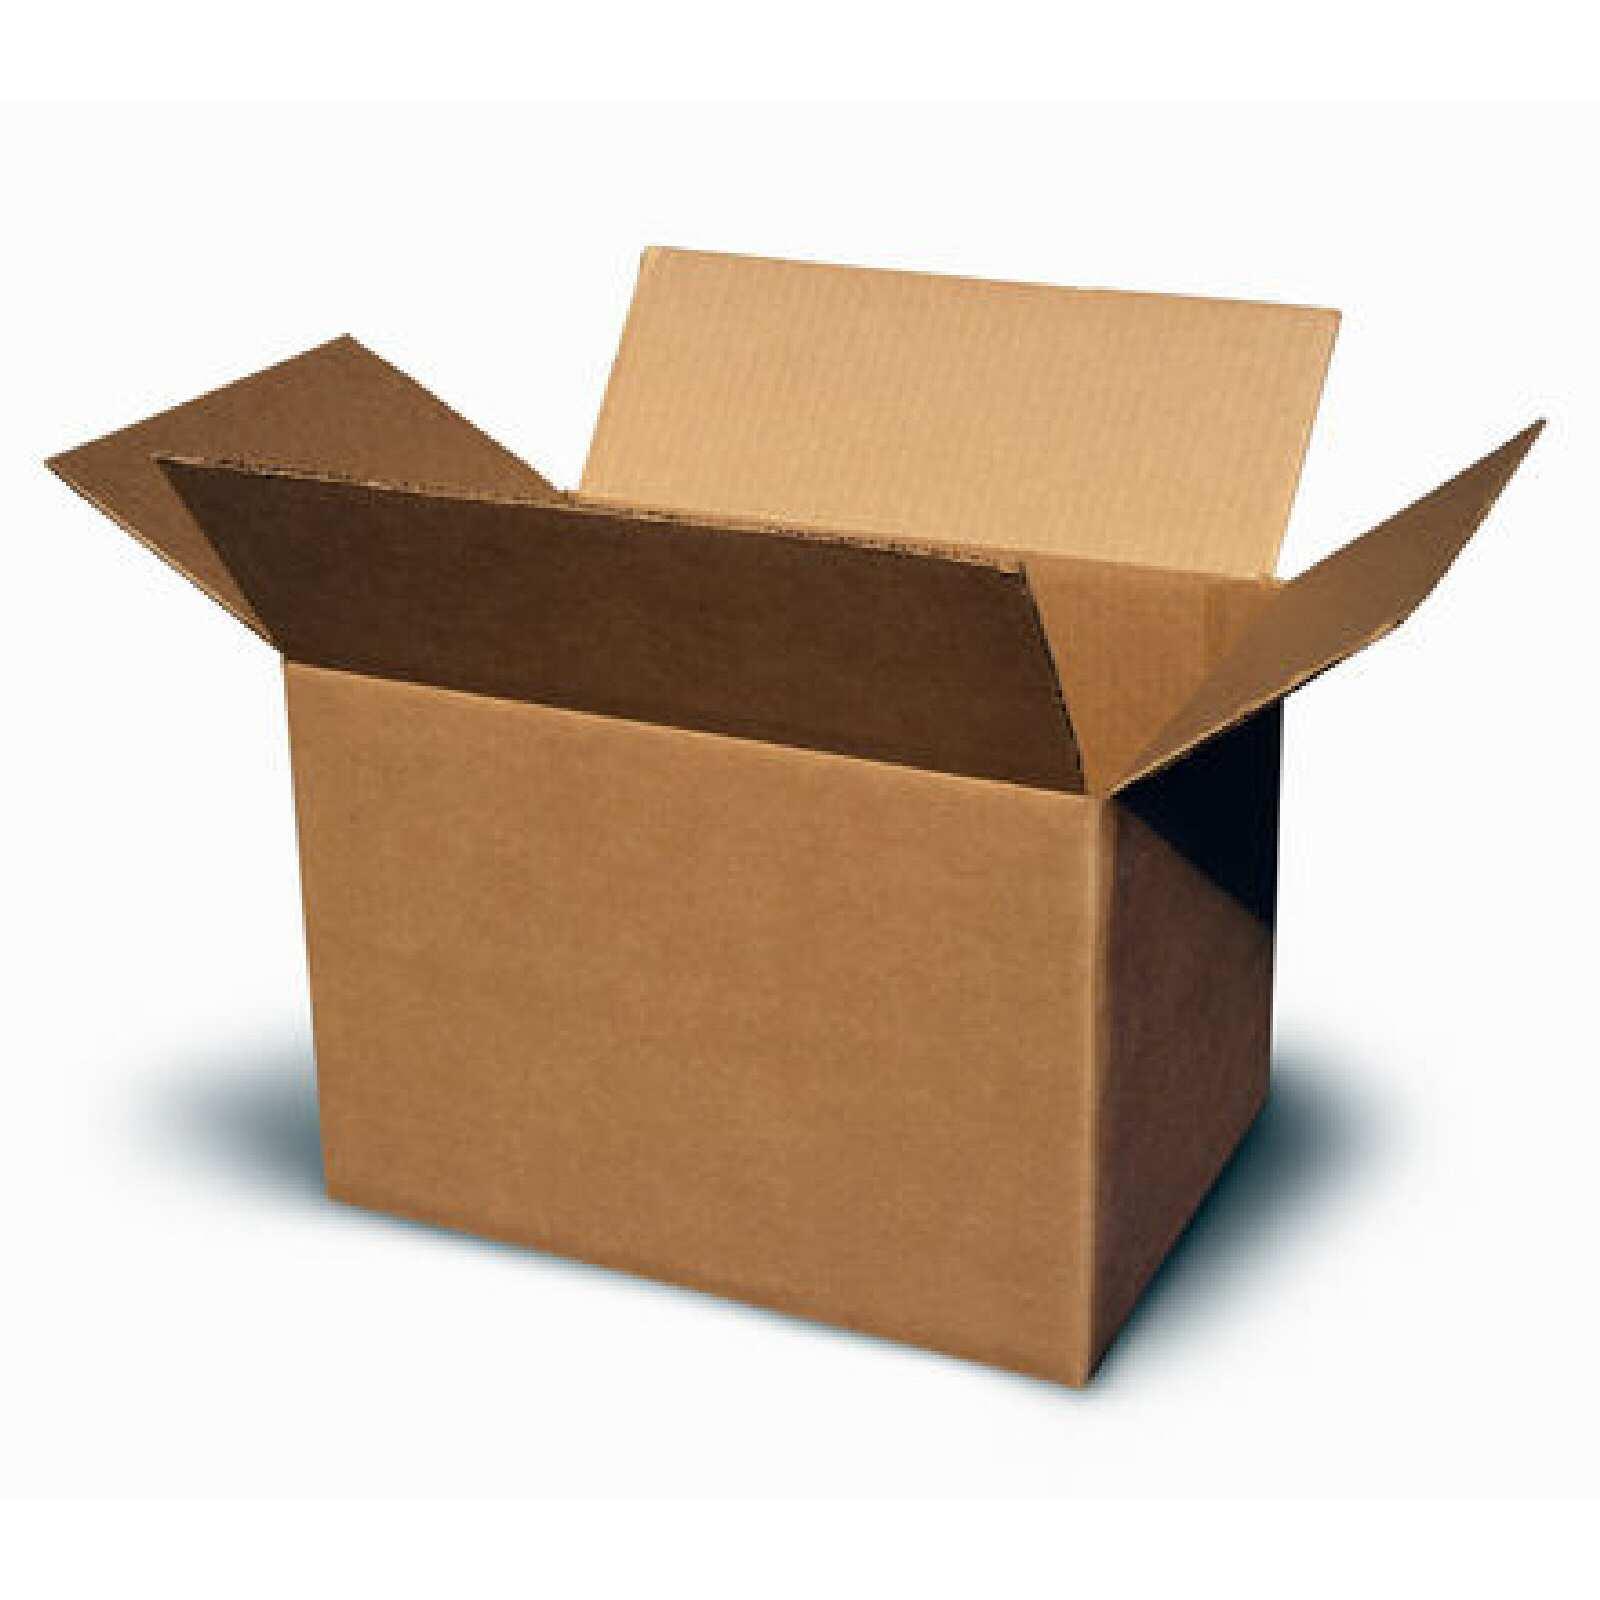 IMBALLAGGI 2000 Scatole Di Cartone Onda Singola Cartone Per Imballaggi Trasloco Spedizione 10, 12X12X12